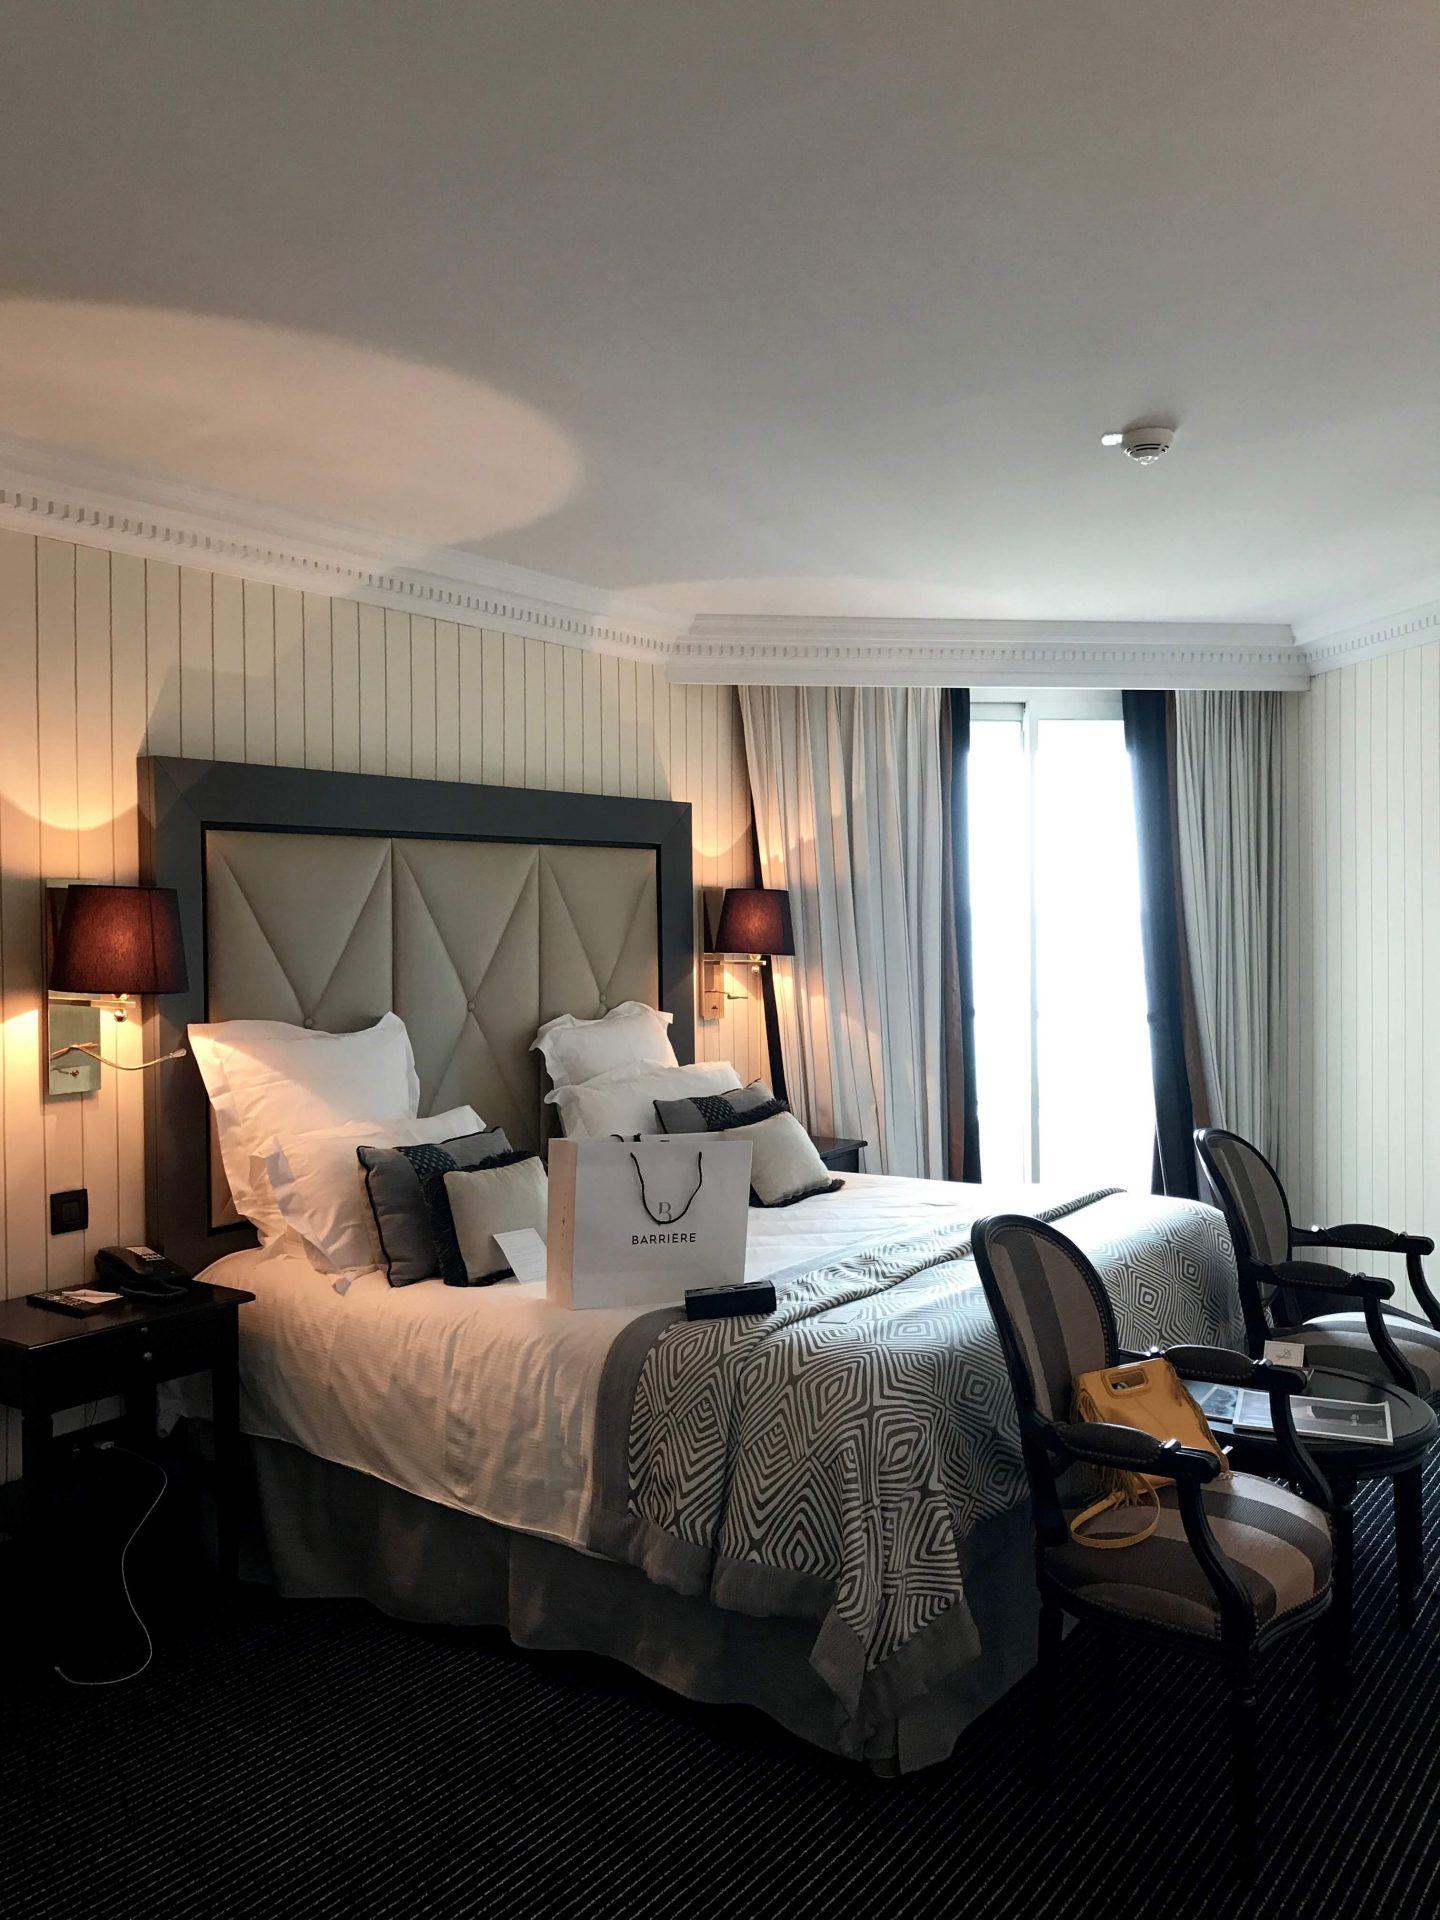 Cannes hôtel Majestic Barrière bonnes adresses restaurants L'atelier d'al blog mode lifestyle travel voyage